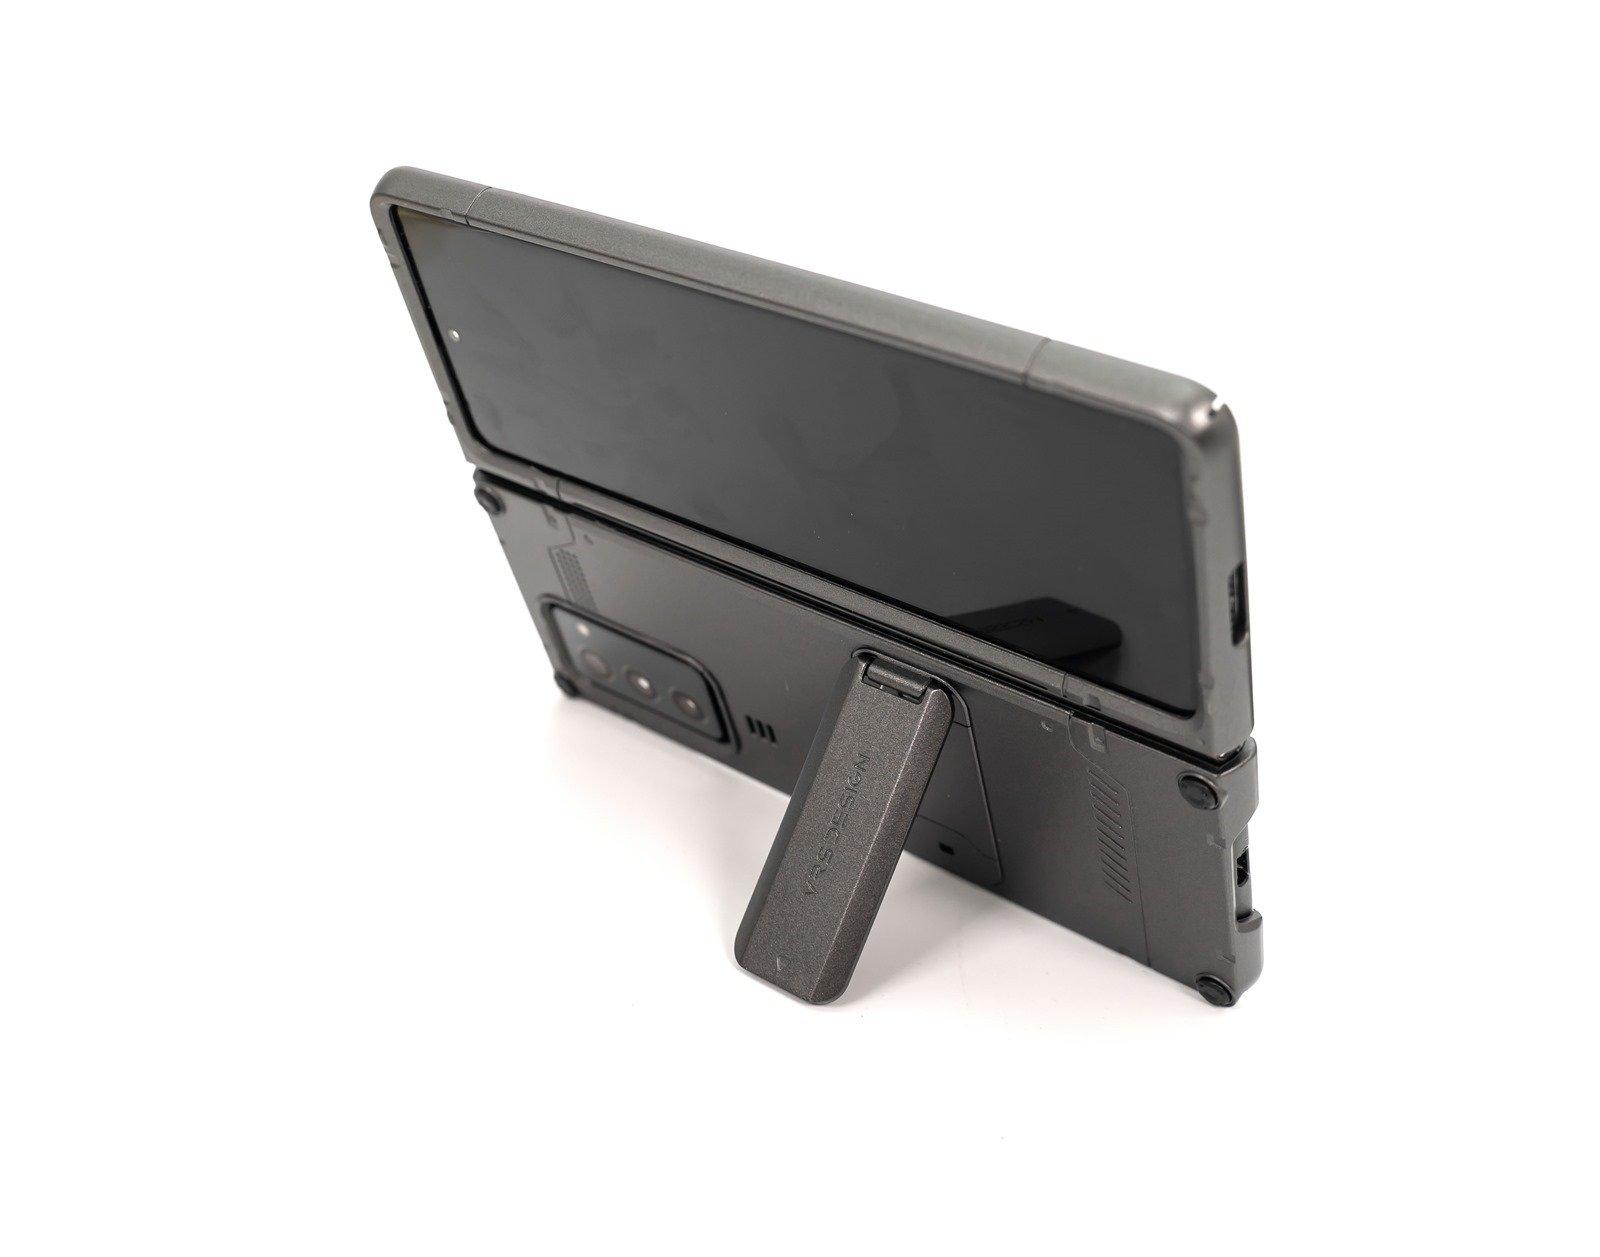 找不到好用好看的 Z Fold 2 保護殼嗎?韓國 VRS 保護殼入手分享 (一般版本 + 支架版本) @3C 達人廖阿輝